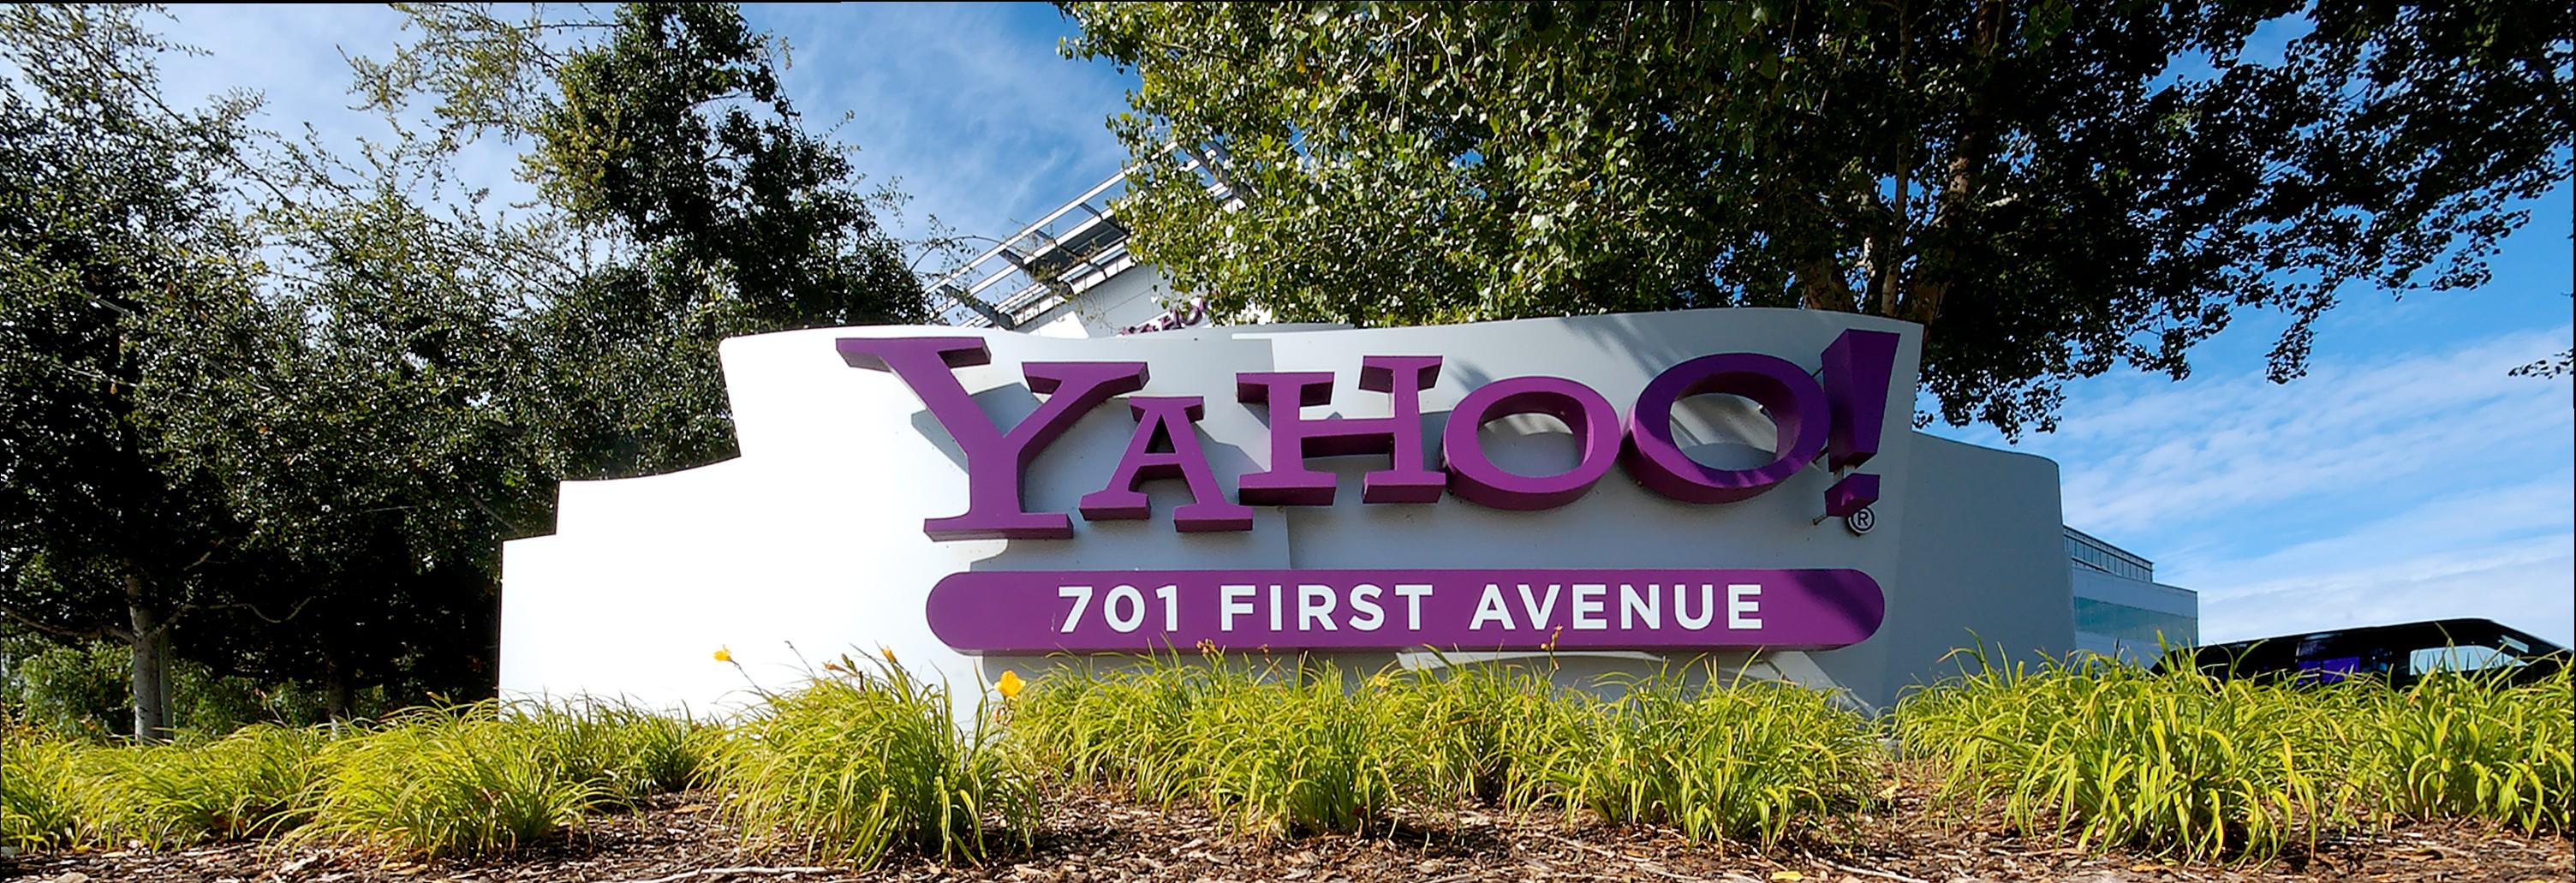 Yahoo et AOL rachetés 5 Milliards de dollars par Apollo Global